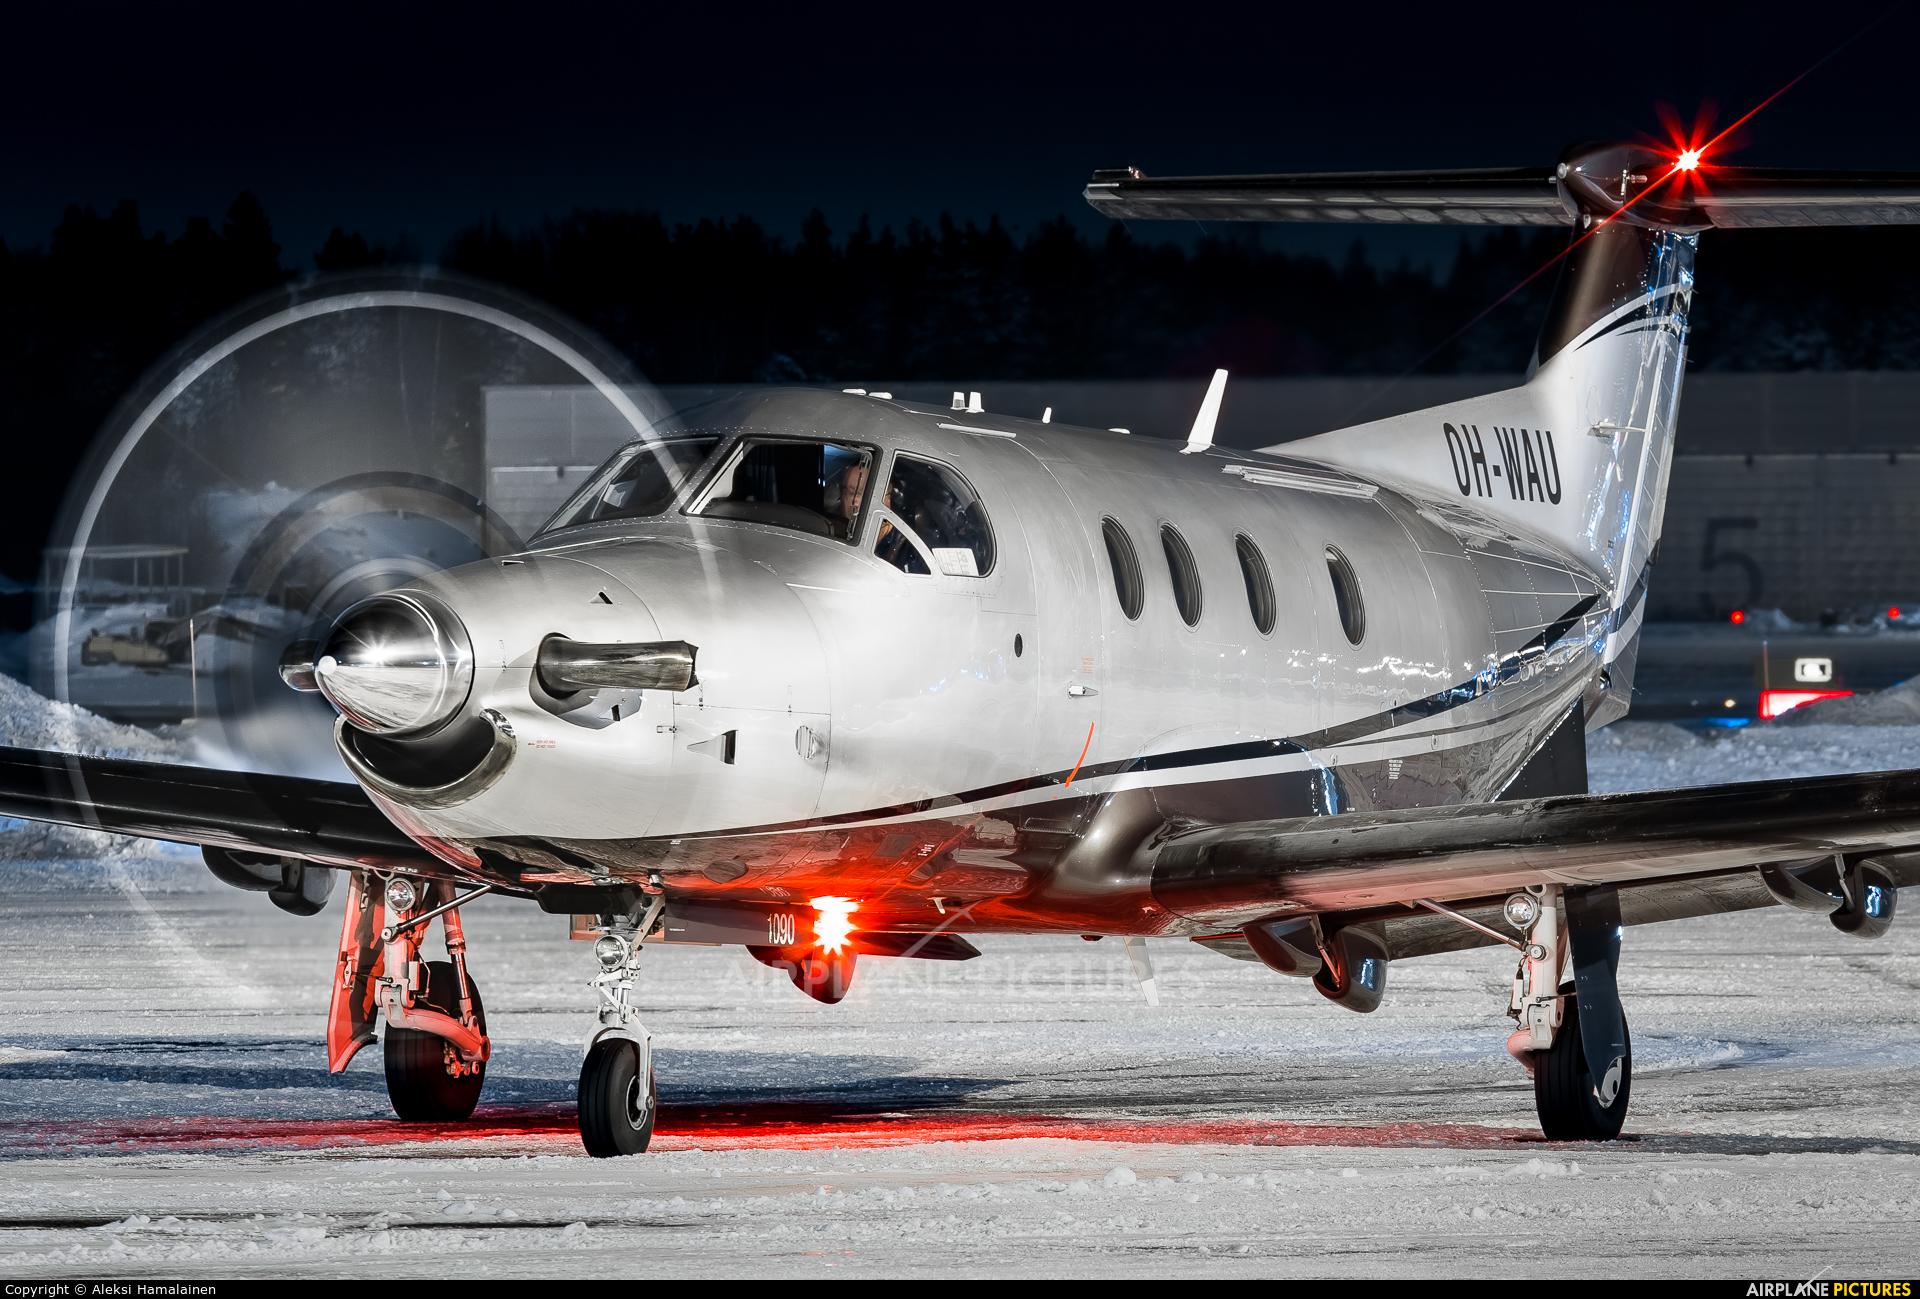 Private OH-WAU aircraft at Helsinki - Vantaa